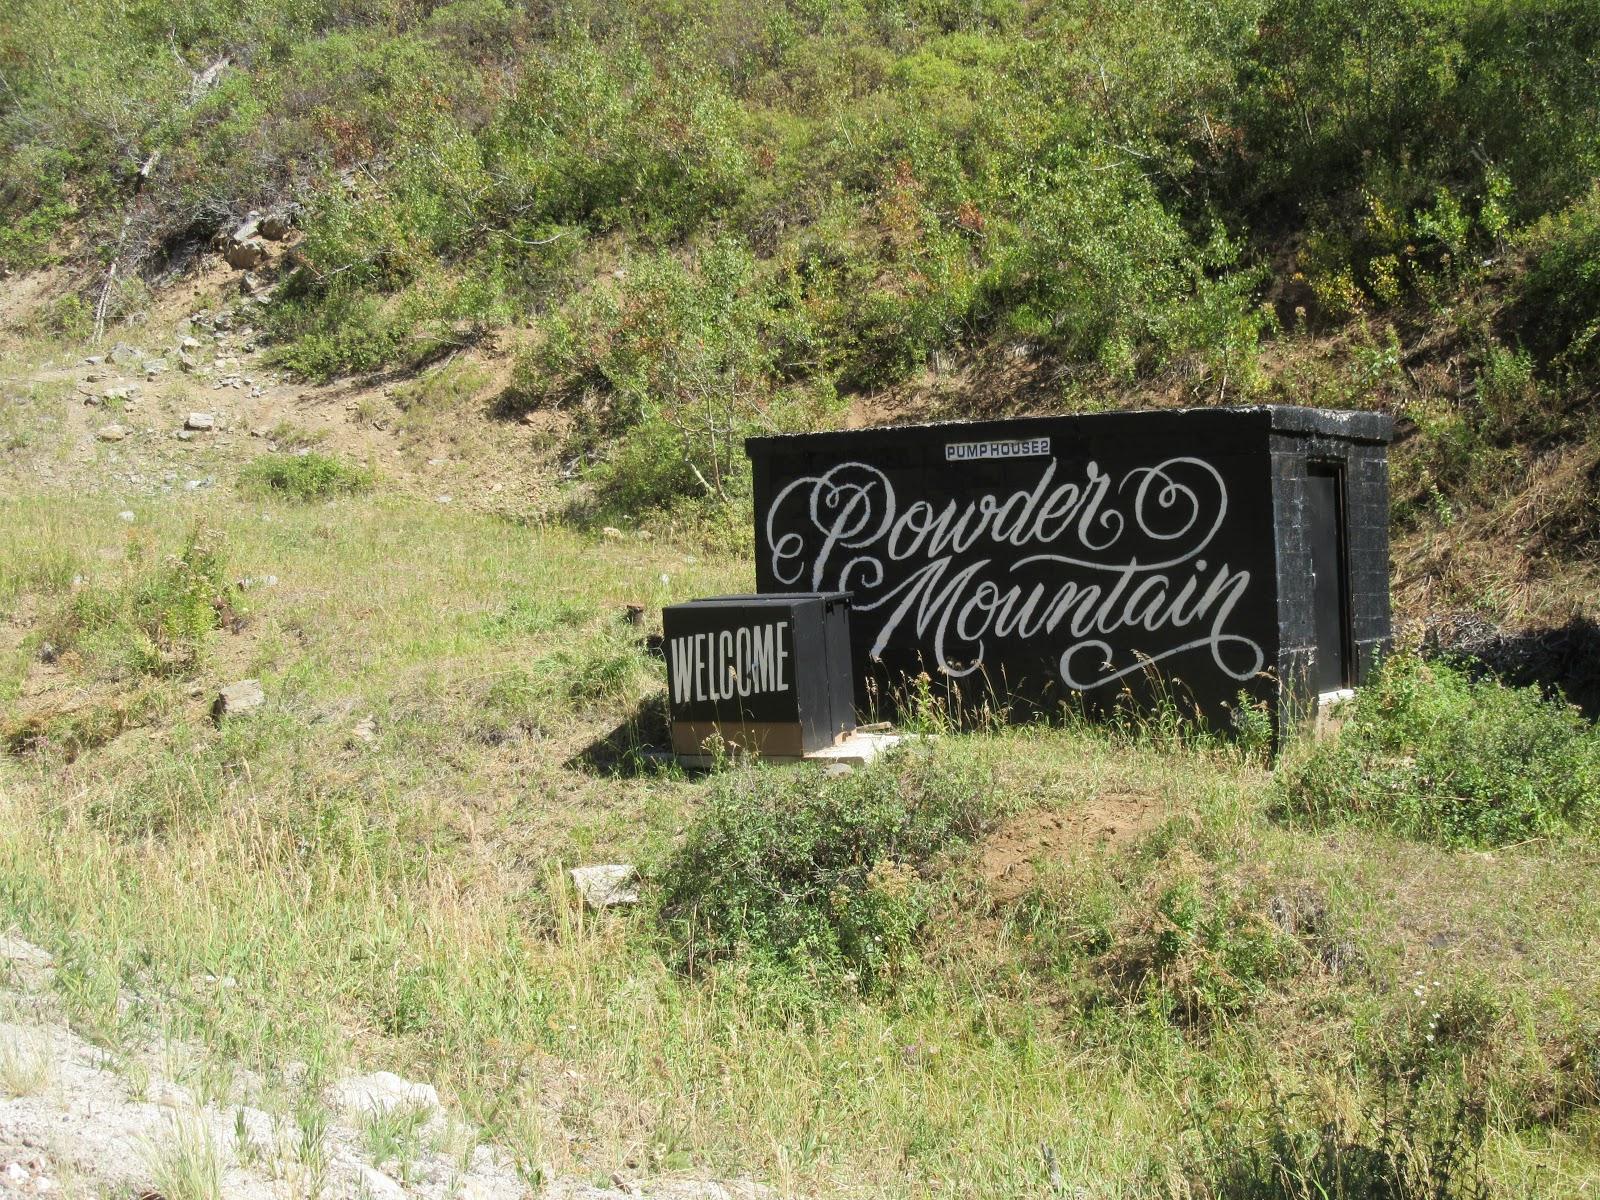 Powder Mountain entrance sign